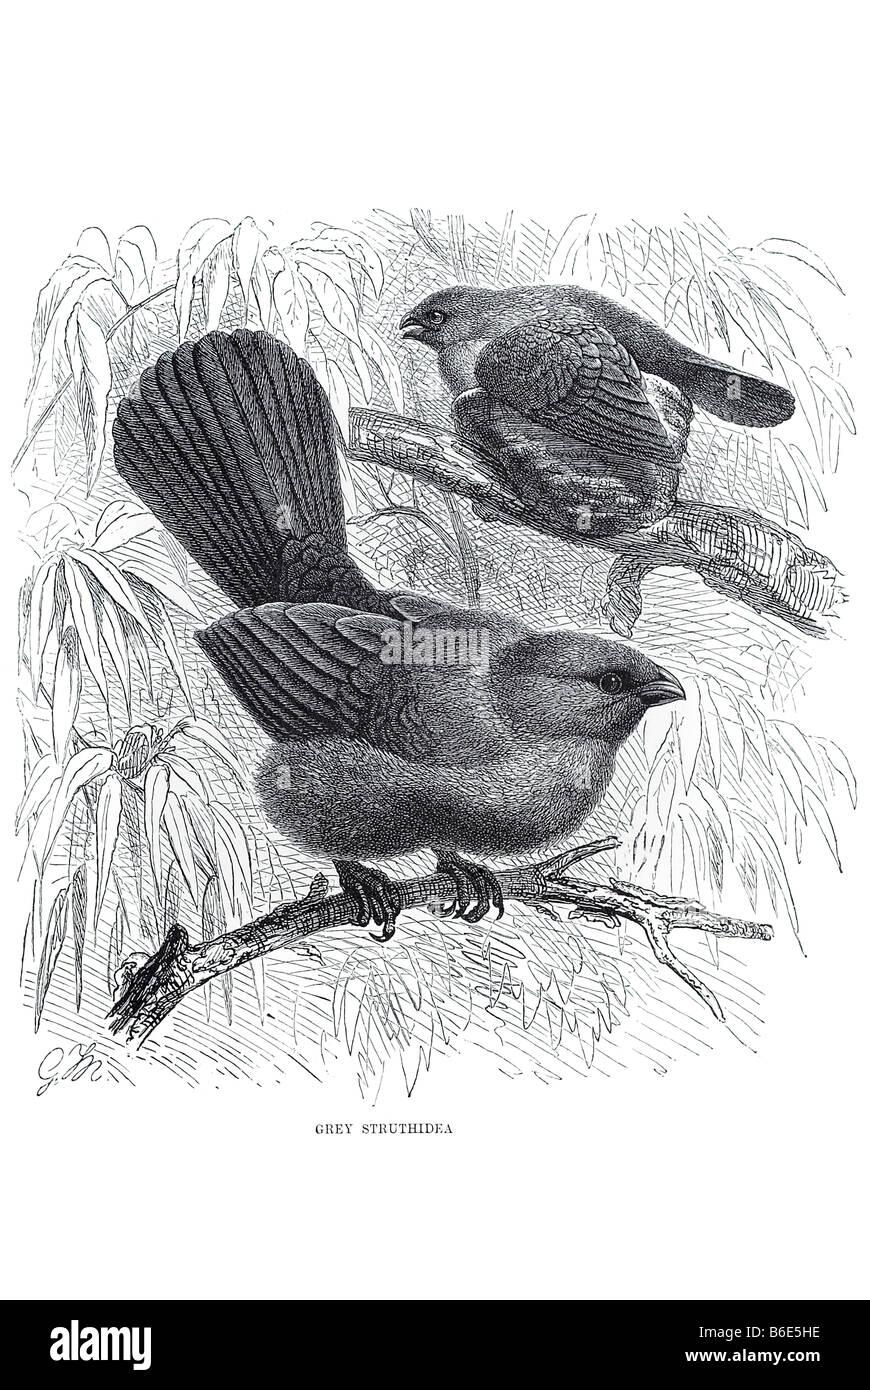 grey struthidea Struthidea cinerea Grey Jumper Australia woodlands - Stock Image